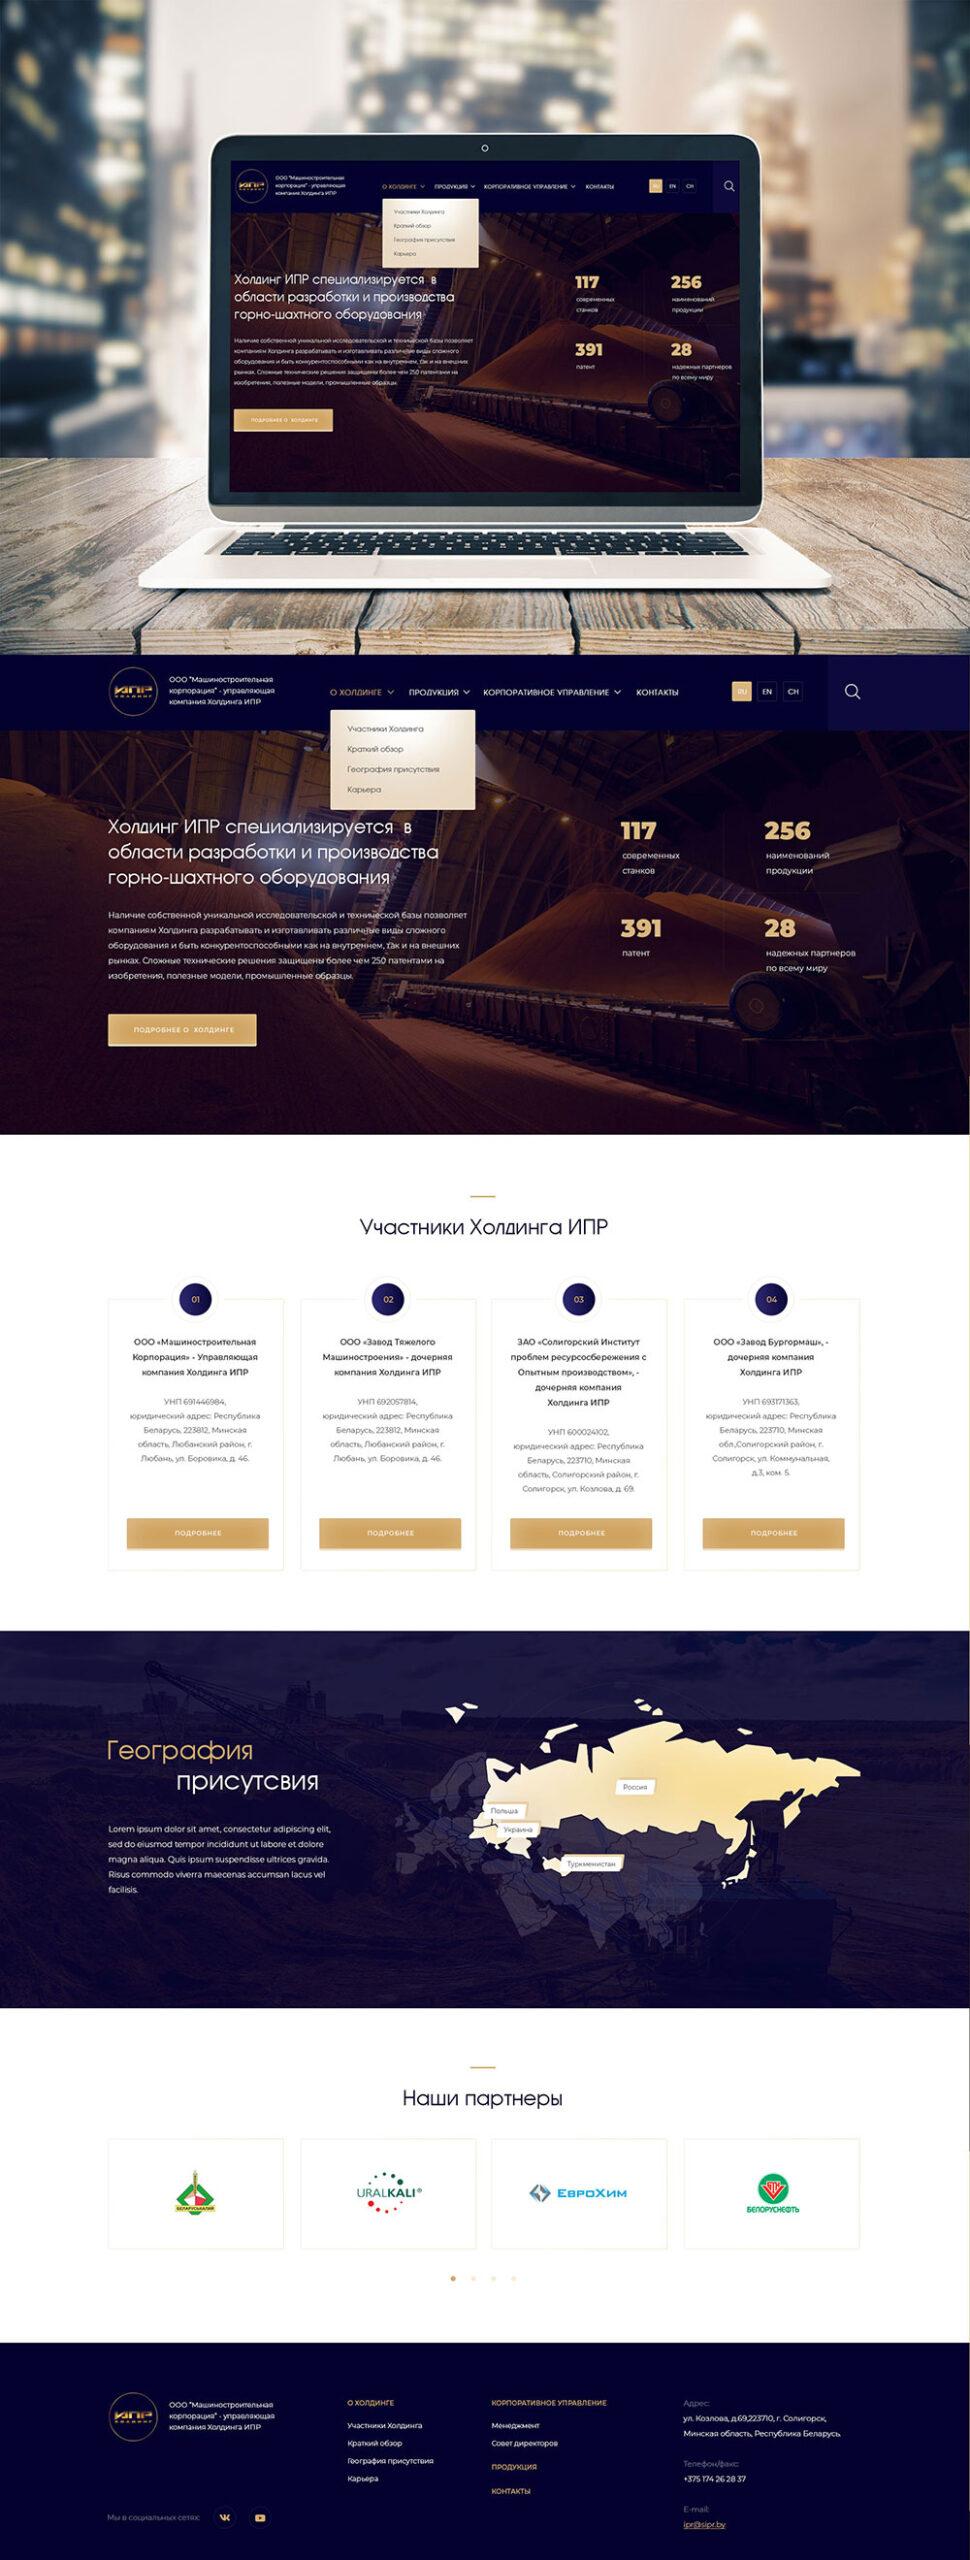 Разработка сайта для холдинга «ИПР» вид 2